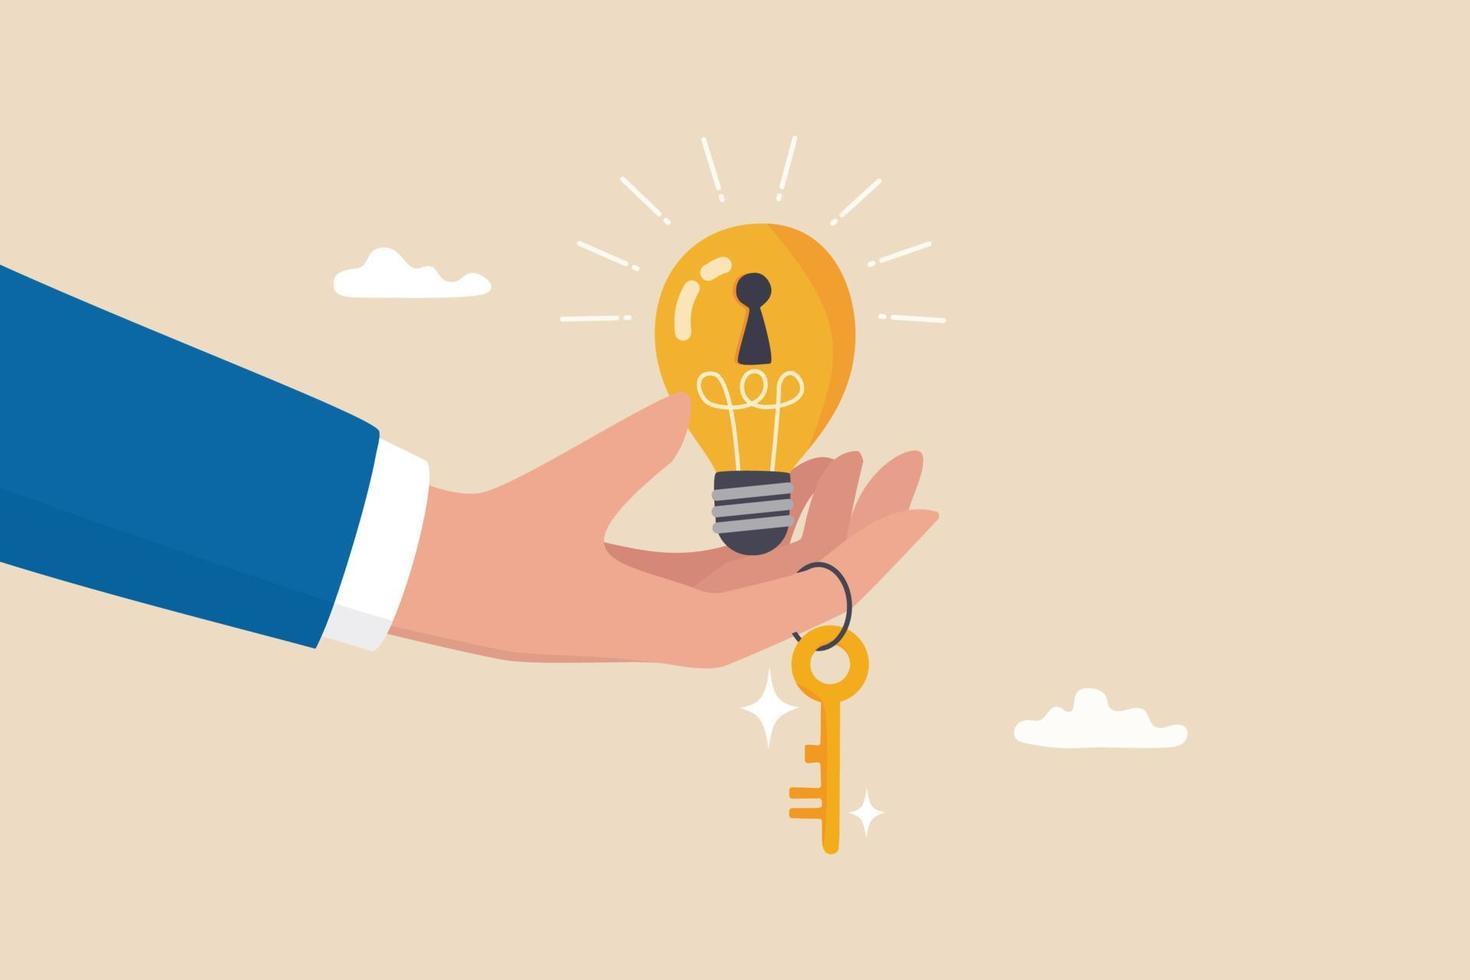 chave para o sucesso, ideia de criatividade para resolver o problema, inovação ou conhecimento para desbloquear o conceito de potencial de carreira, mão do empresário dando ideia de lâmpada brilhante com fechadura e chave de ouro para desbloqueá-la. vetor